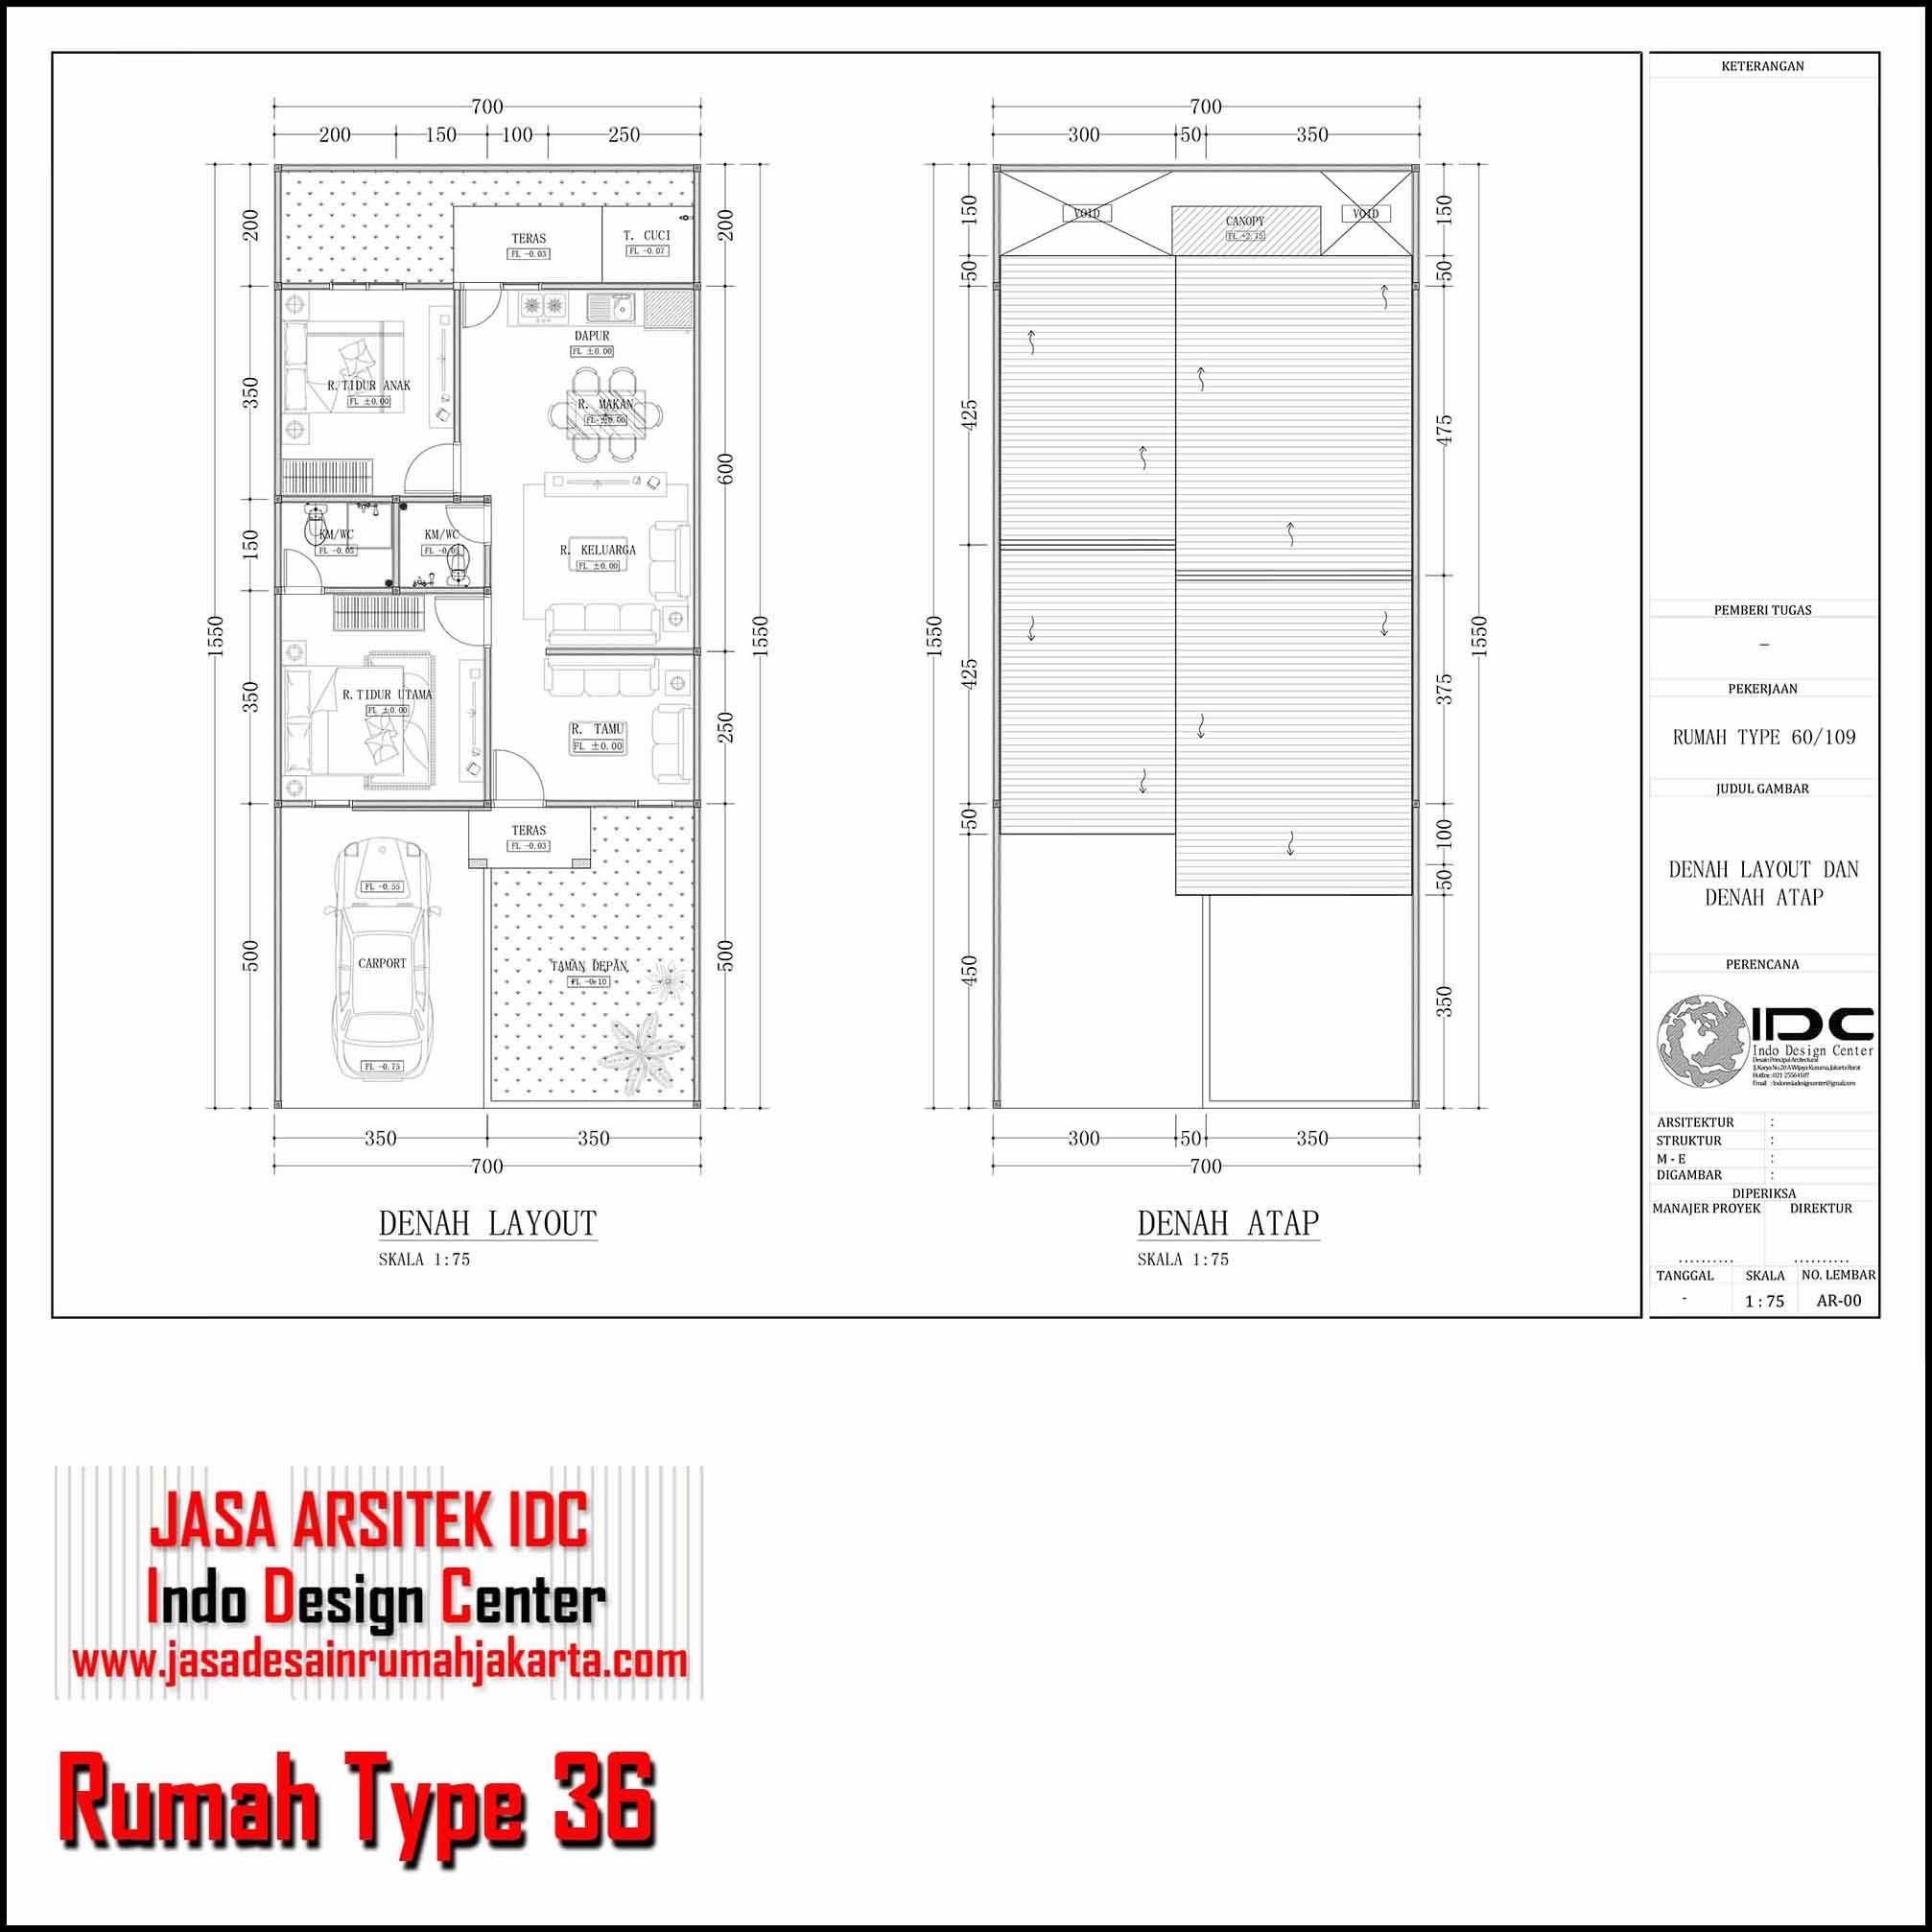 Gambar Rumah Type 36 Jasa Arsitek Rumah Minimalis Murah ...